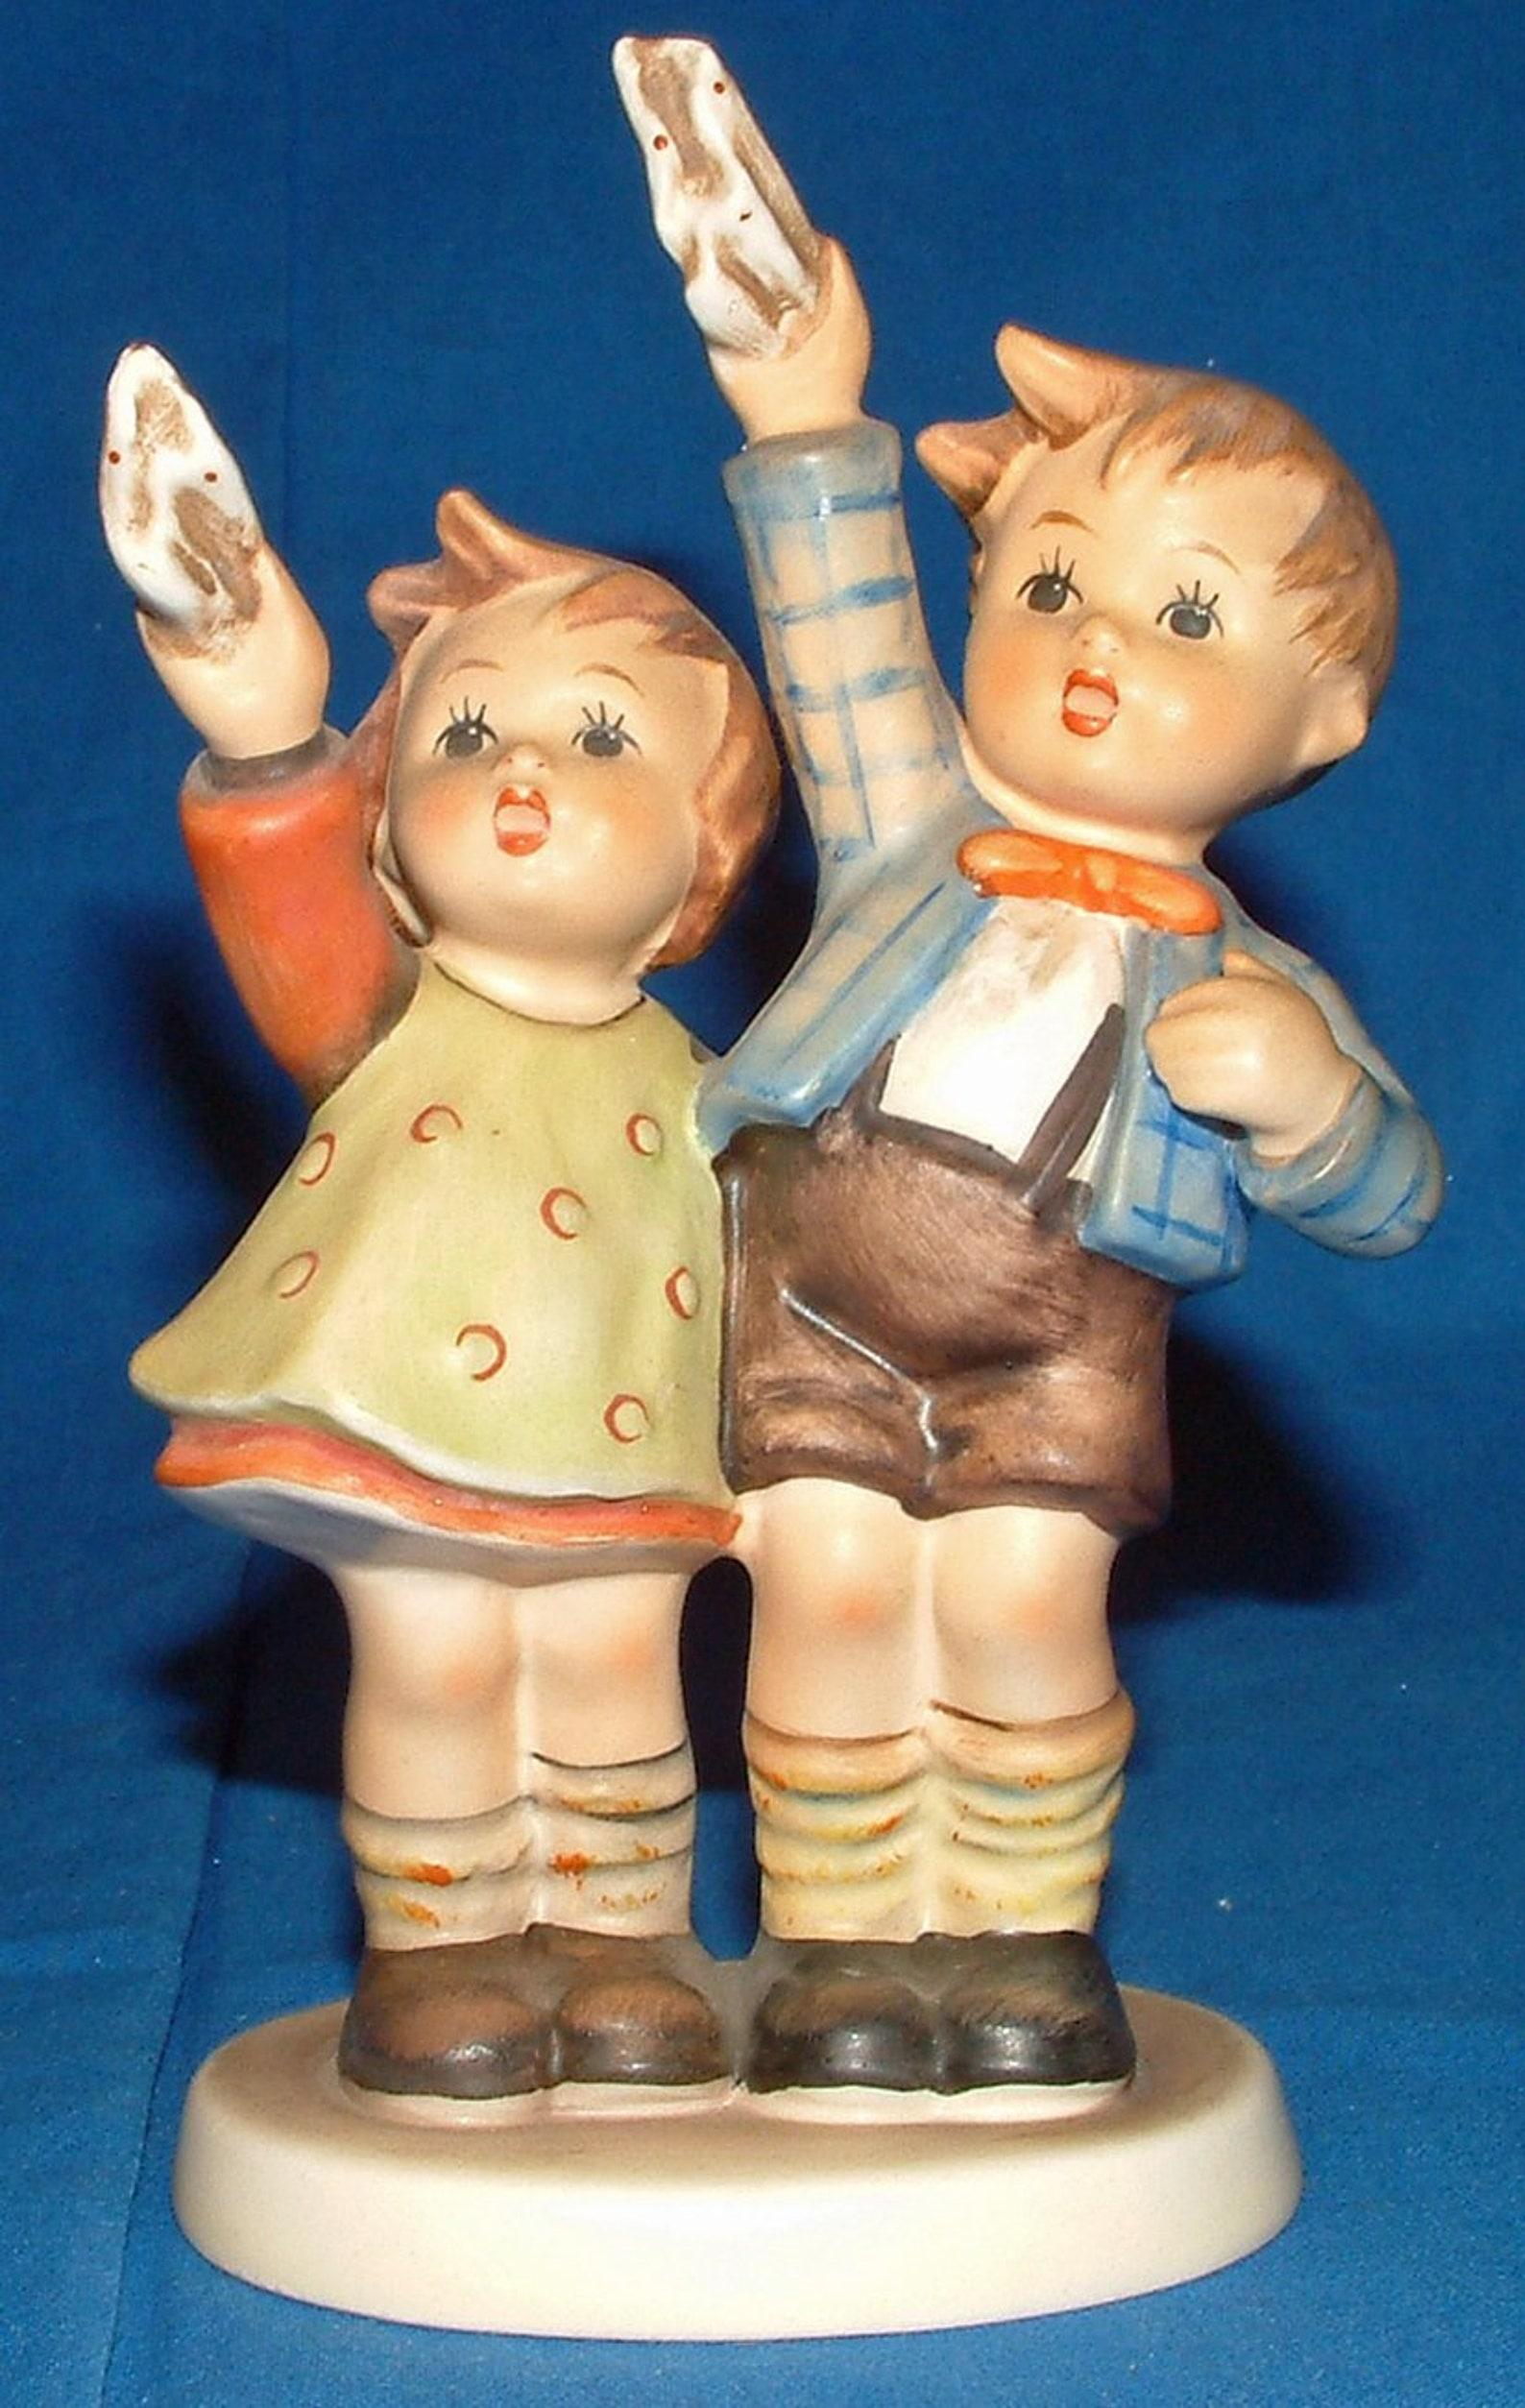 1960's Auf Wiedersehen TMK3 Waving Goodbye Hummel Figurine #153/0 5.75